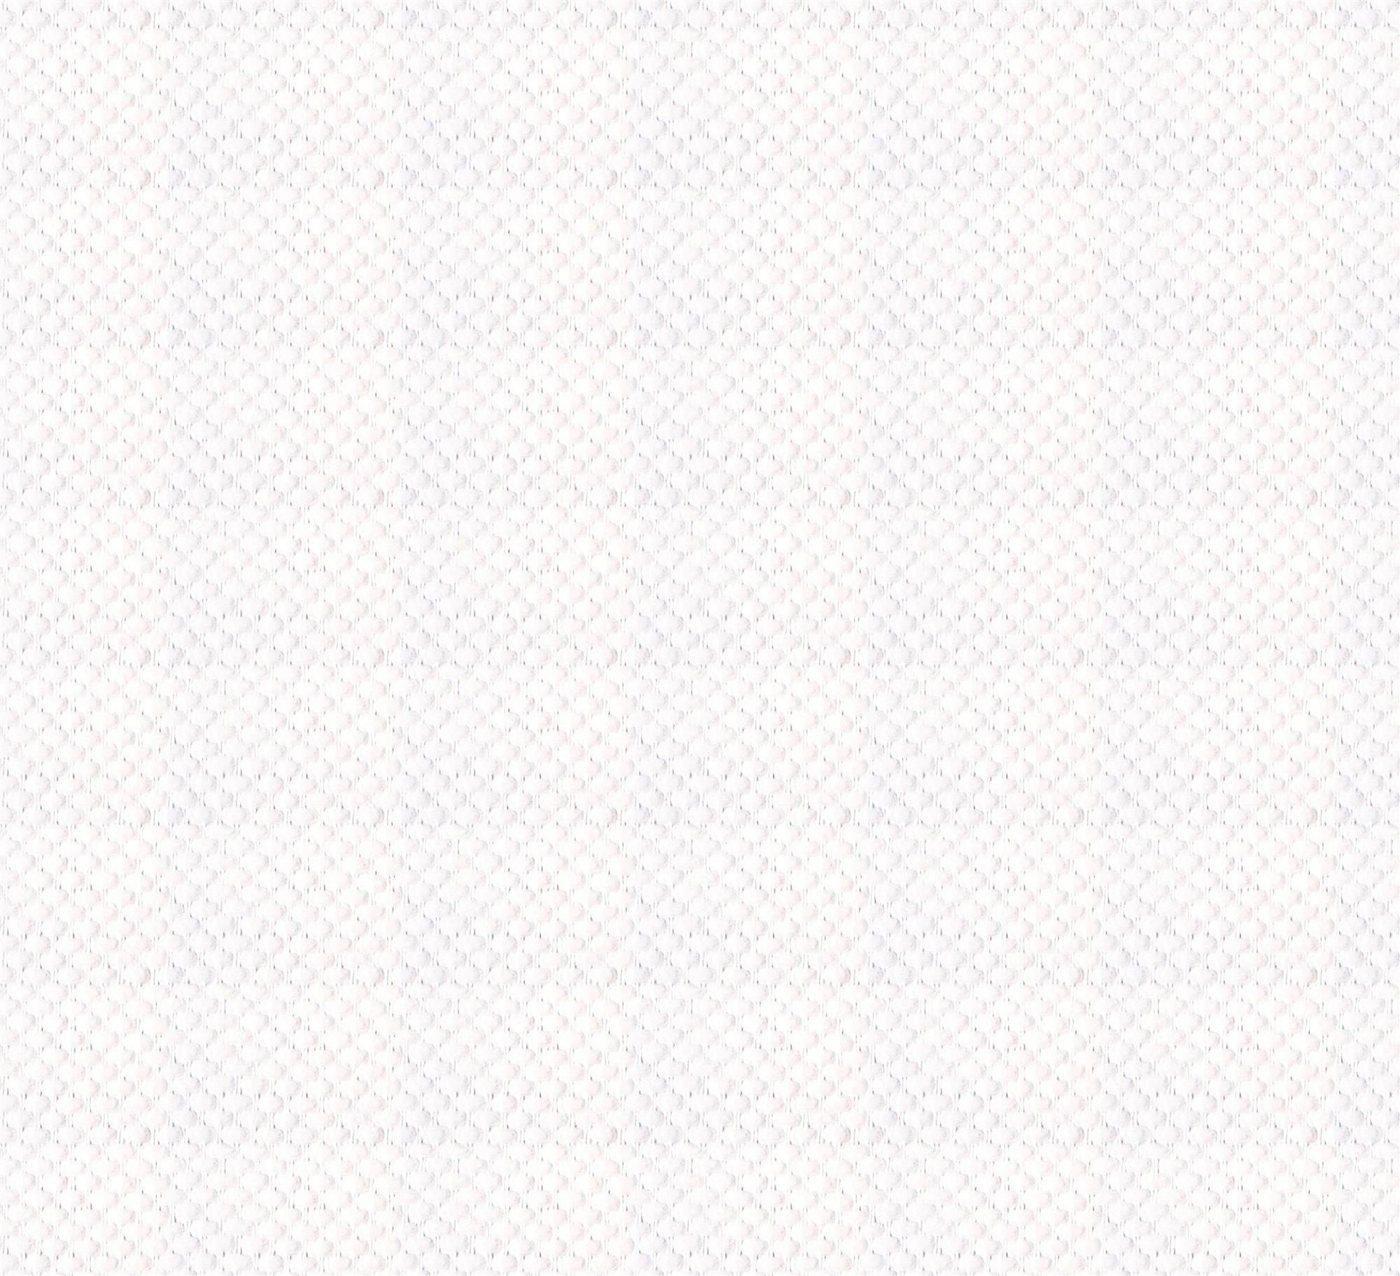 WOW Papiertapete »Gewebe Emboss«, (1 St), Weiß - 10m x 52cm